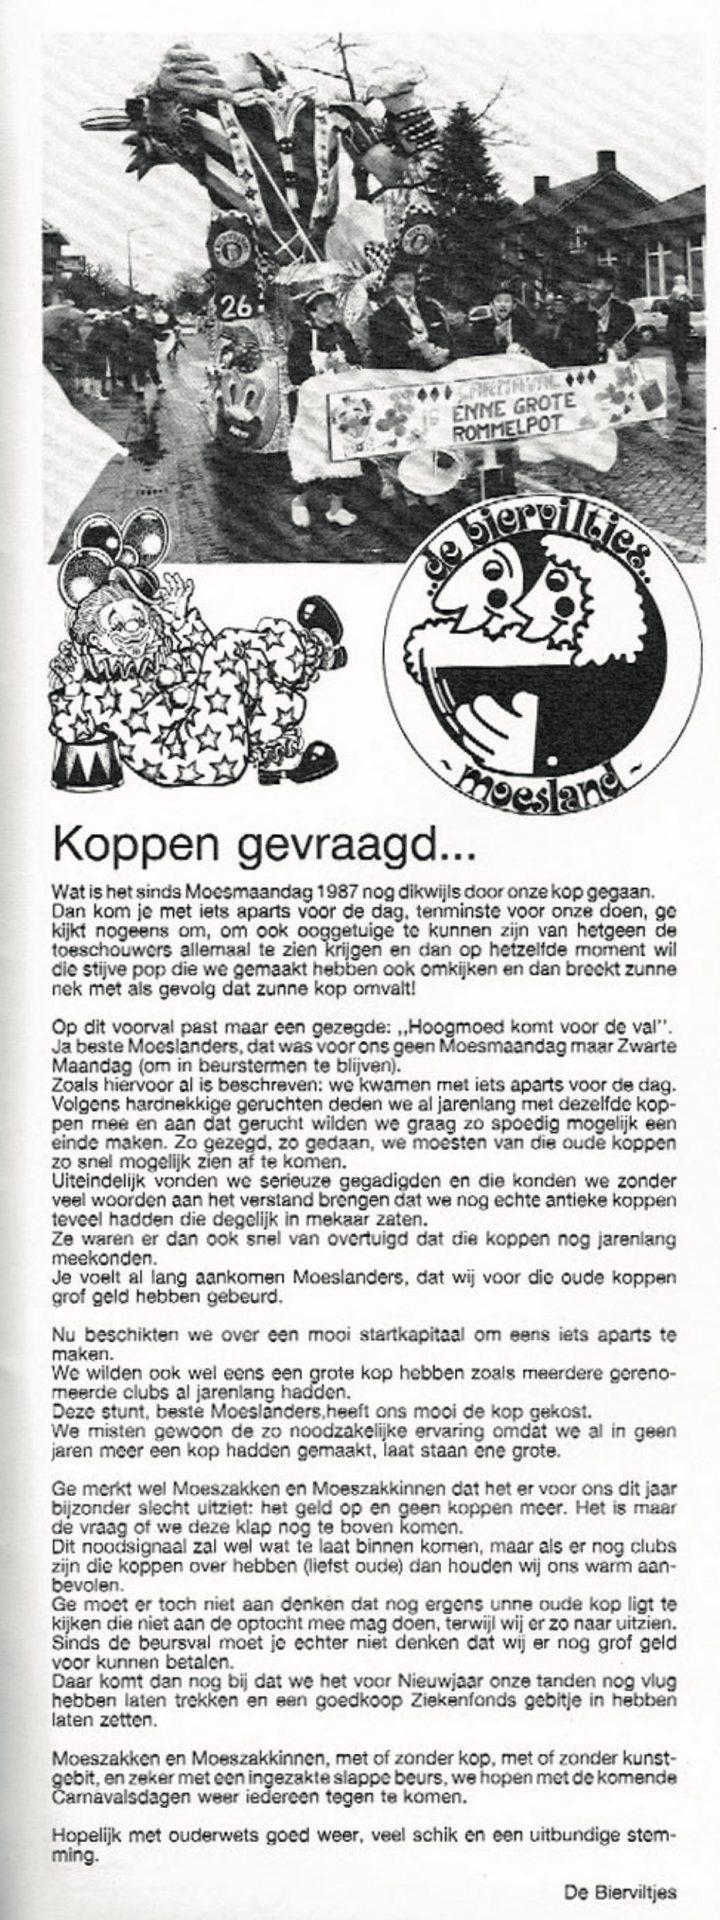 Stuk uit de carnavalskrant van de Bierviltjes - 1988